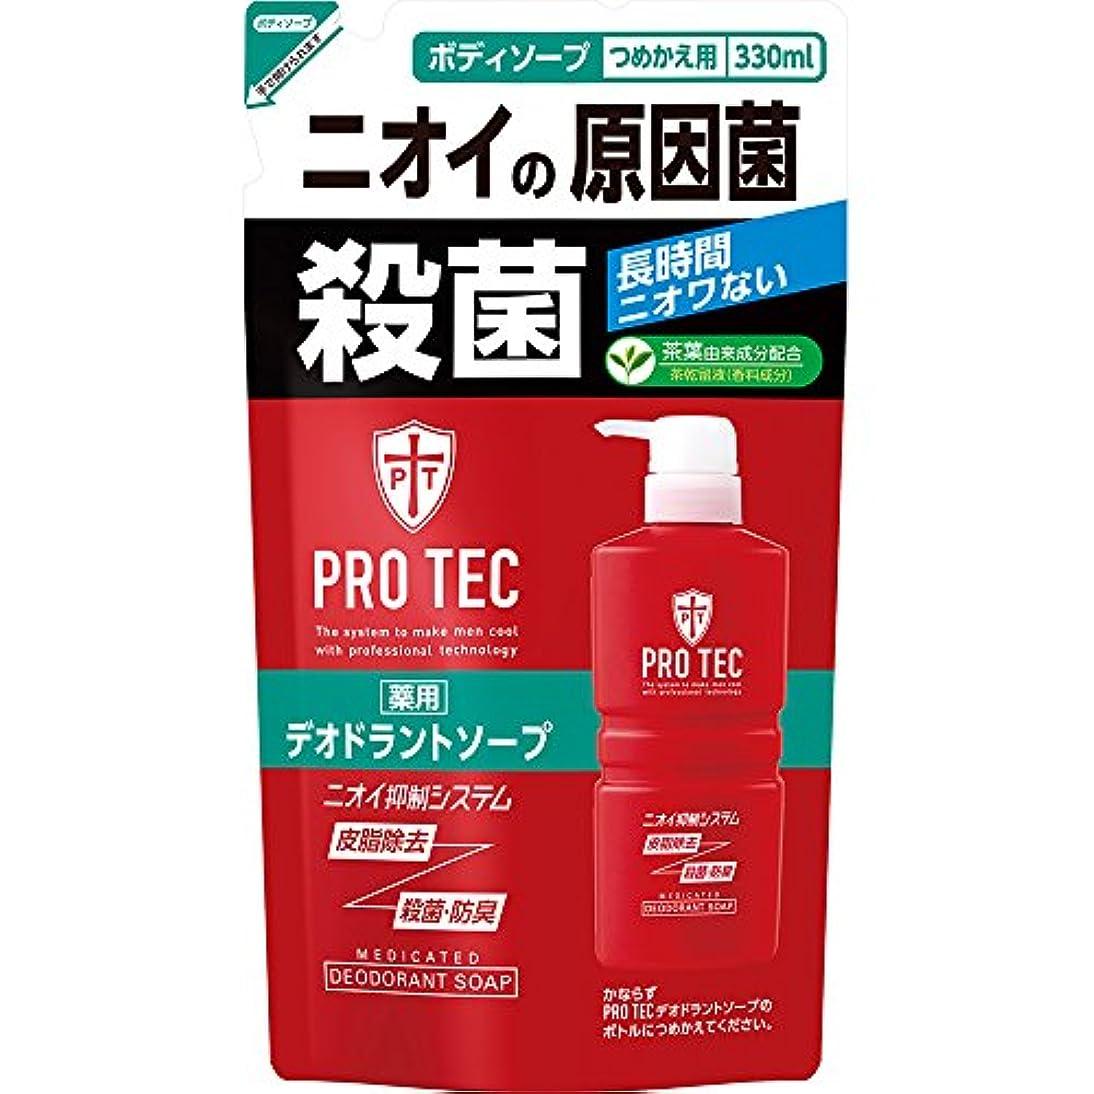 逮捕甲虫会員PRO TEC(プロテク) デオドラントソープ 詰め替え 330ml(医薬部外品)